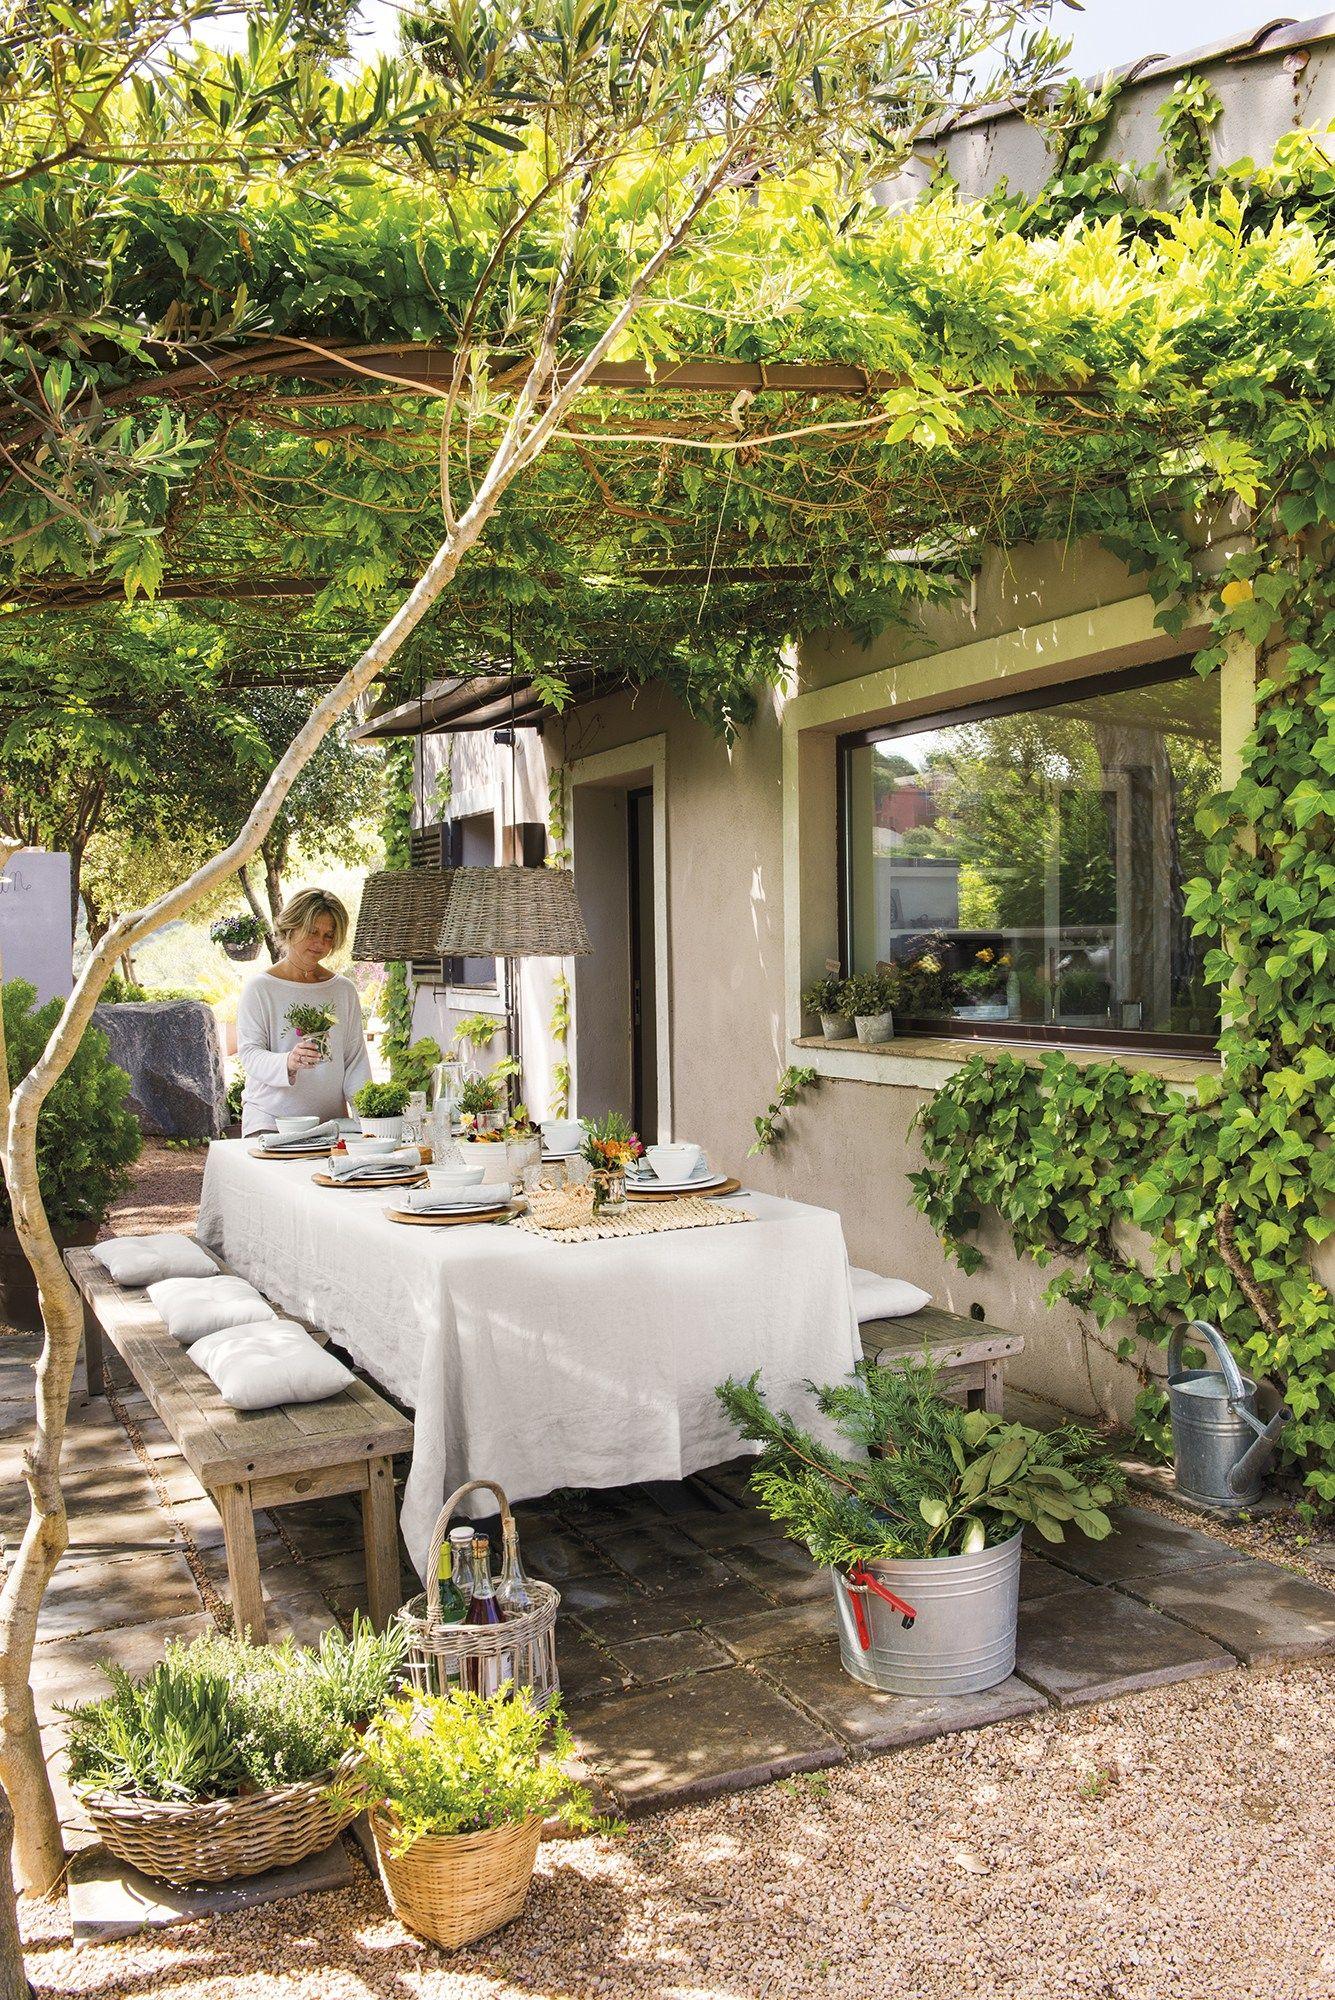 Un Reve De Campagne Espagnole Garden Amenagement Jardin Deco Jardin Jardins